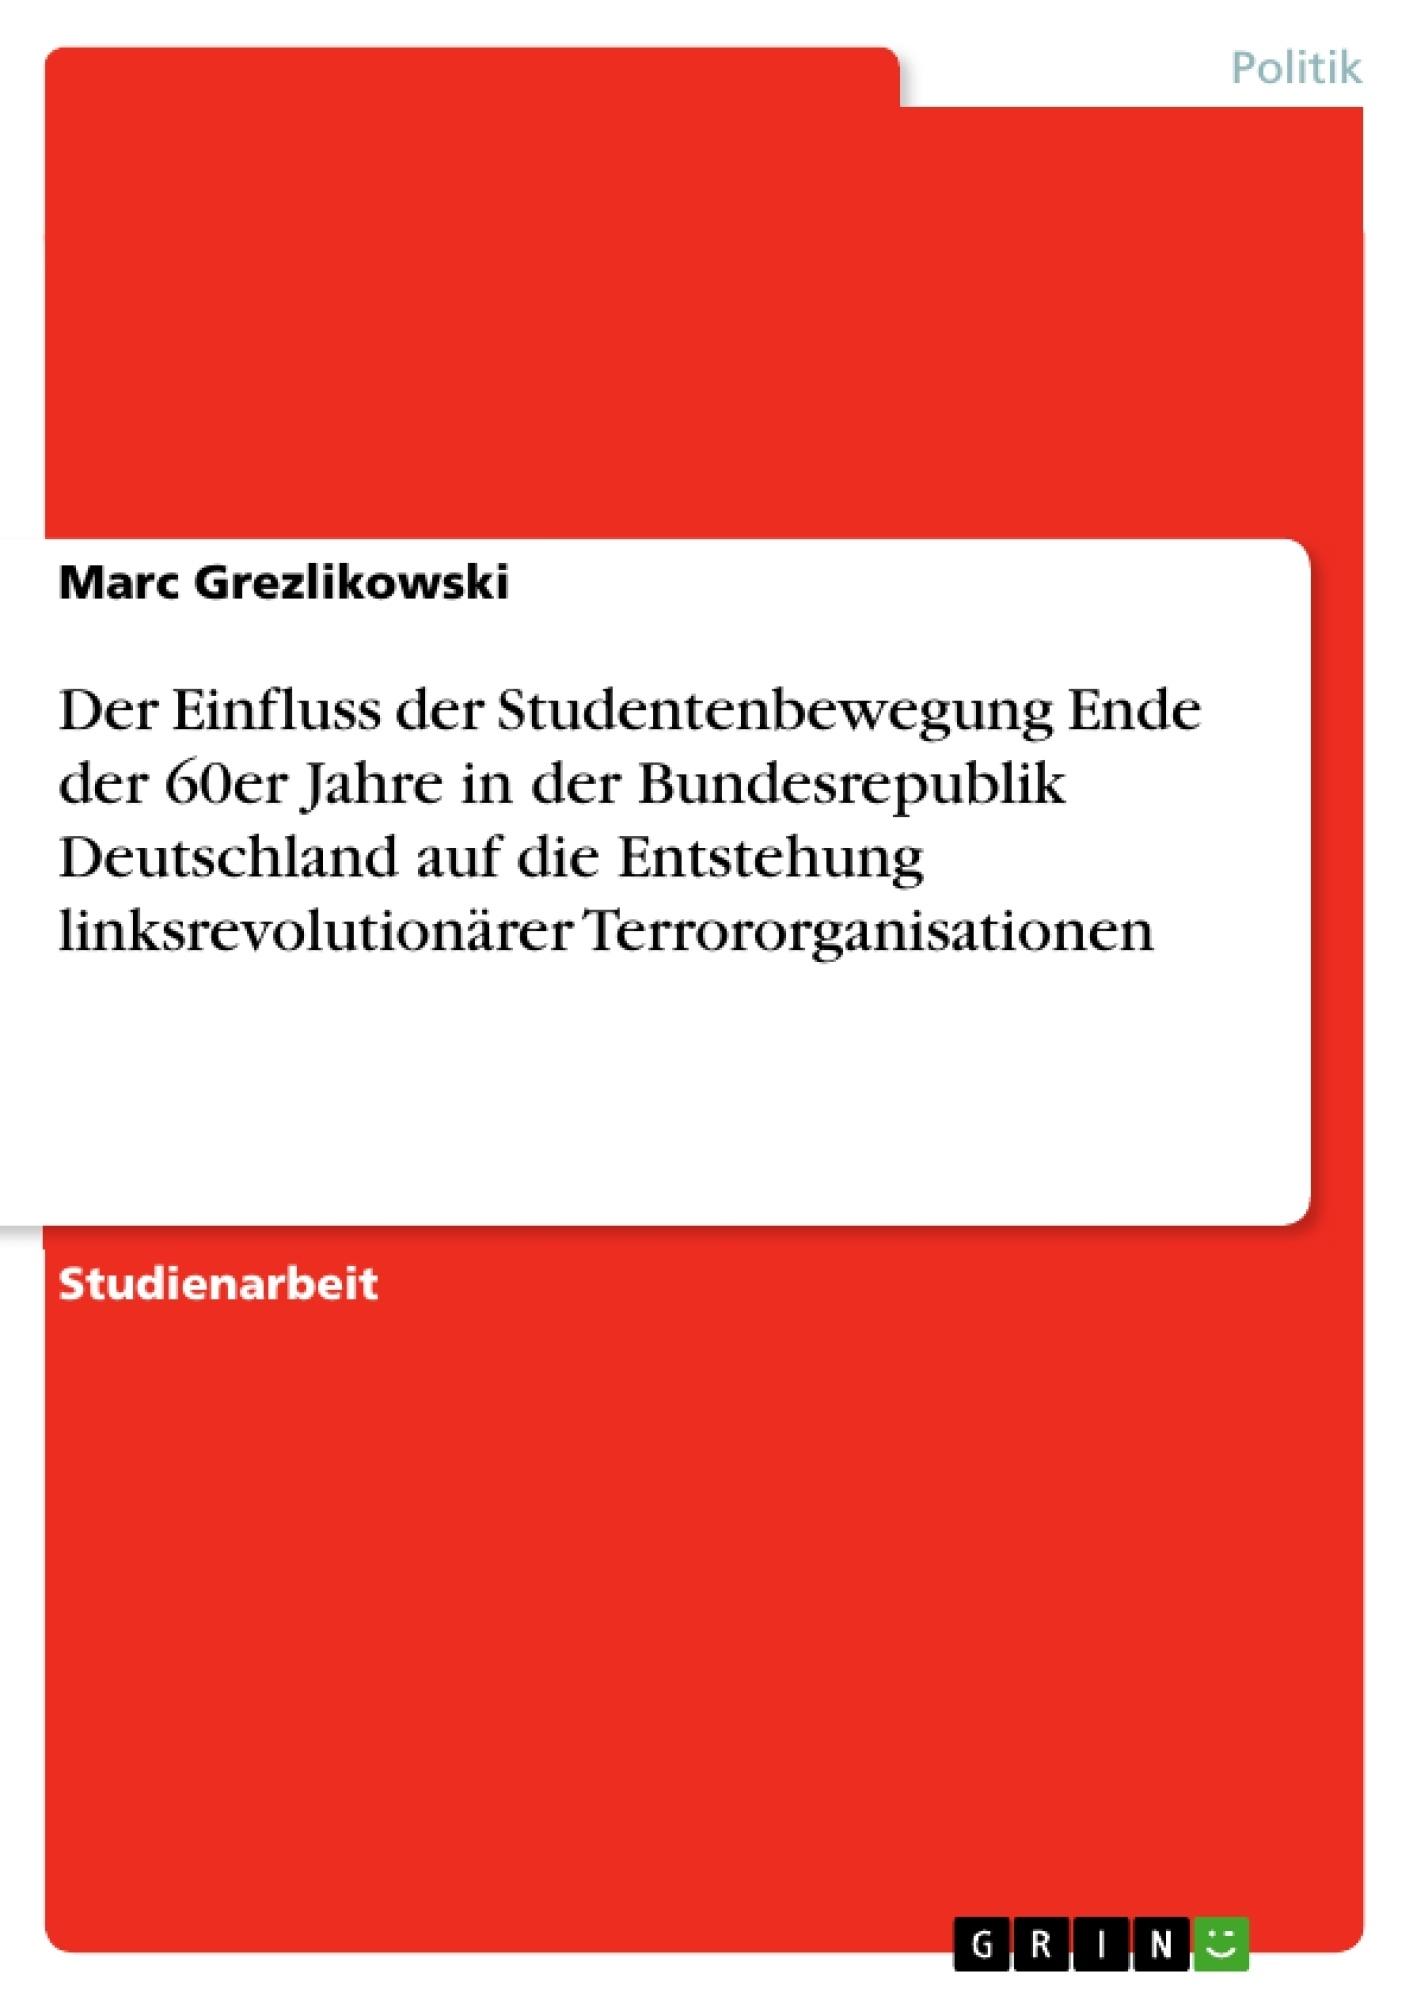 Titel: Der Einfluss der Studentenbewegung Ende der 60er Jahre in der Bundesrepublik Deutschland auf die Entstehung linksrevolutionärer Terrororganisationen